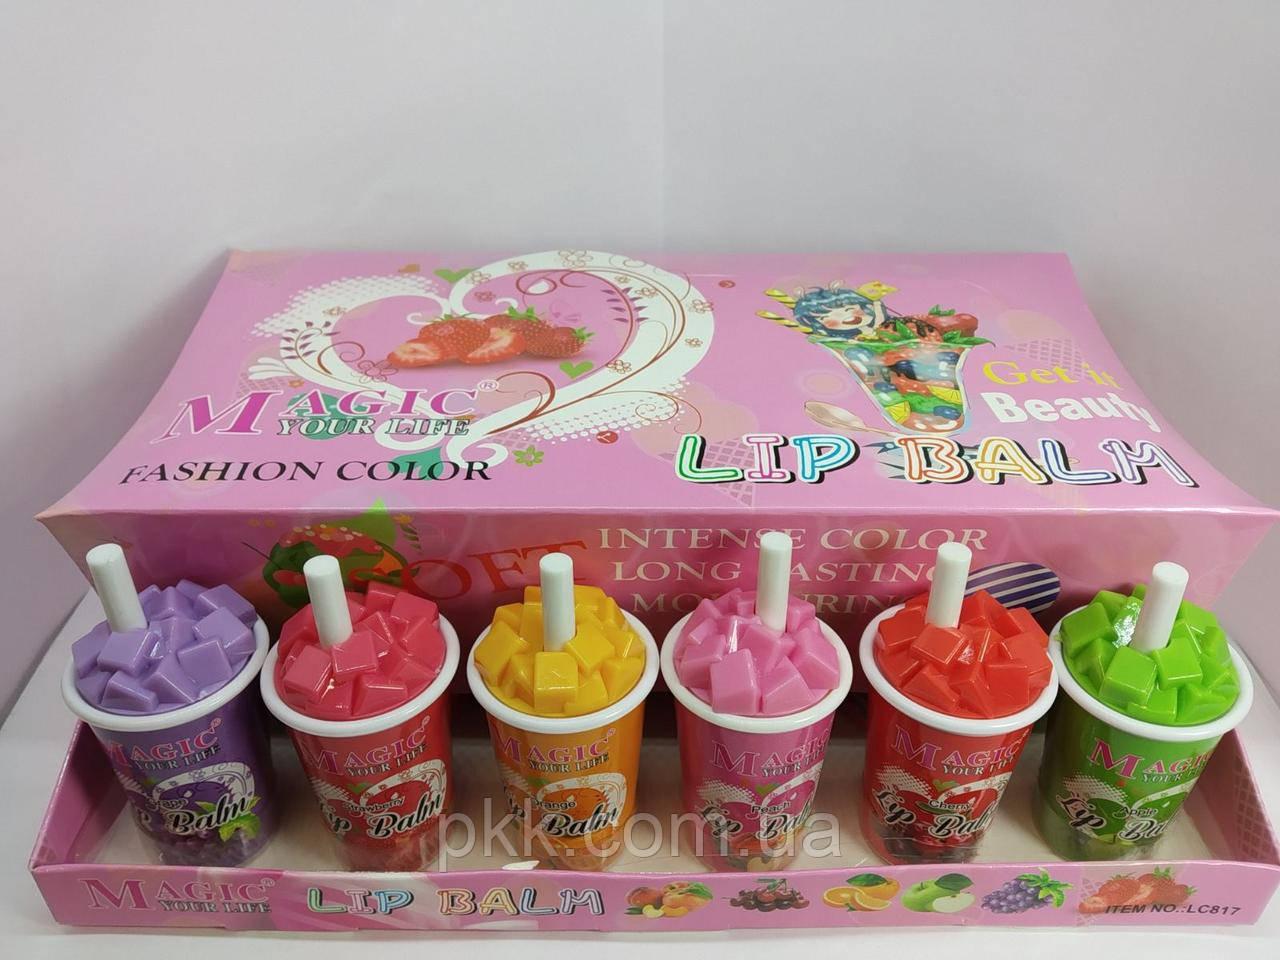 Бальзам для губ MAGIC Your Life Drink With Straw Emoji Multi Flavours Lip Balm Коктейль LC817 - Подільська Косметична Компанія ® в Хмельницком